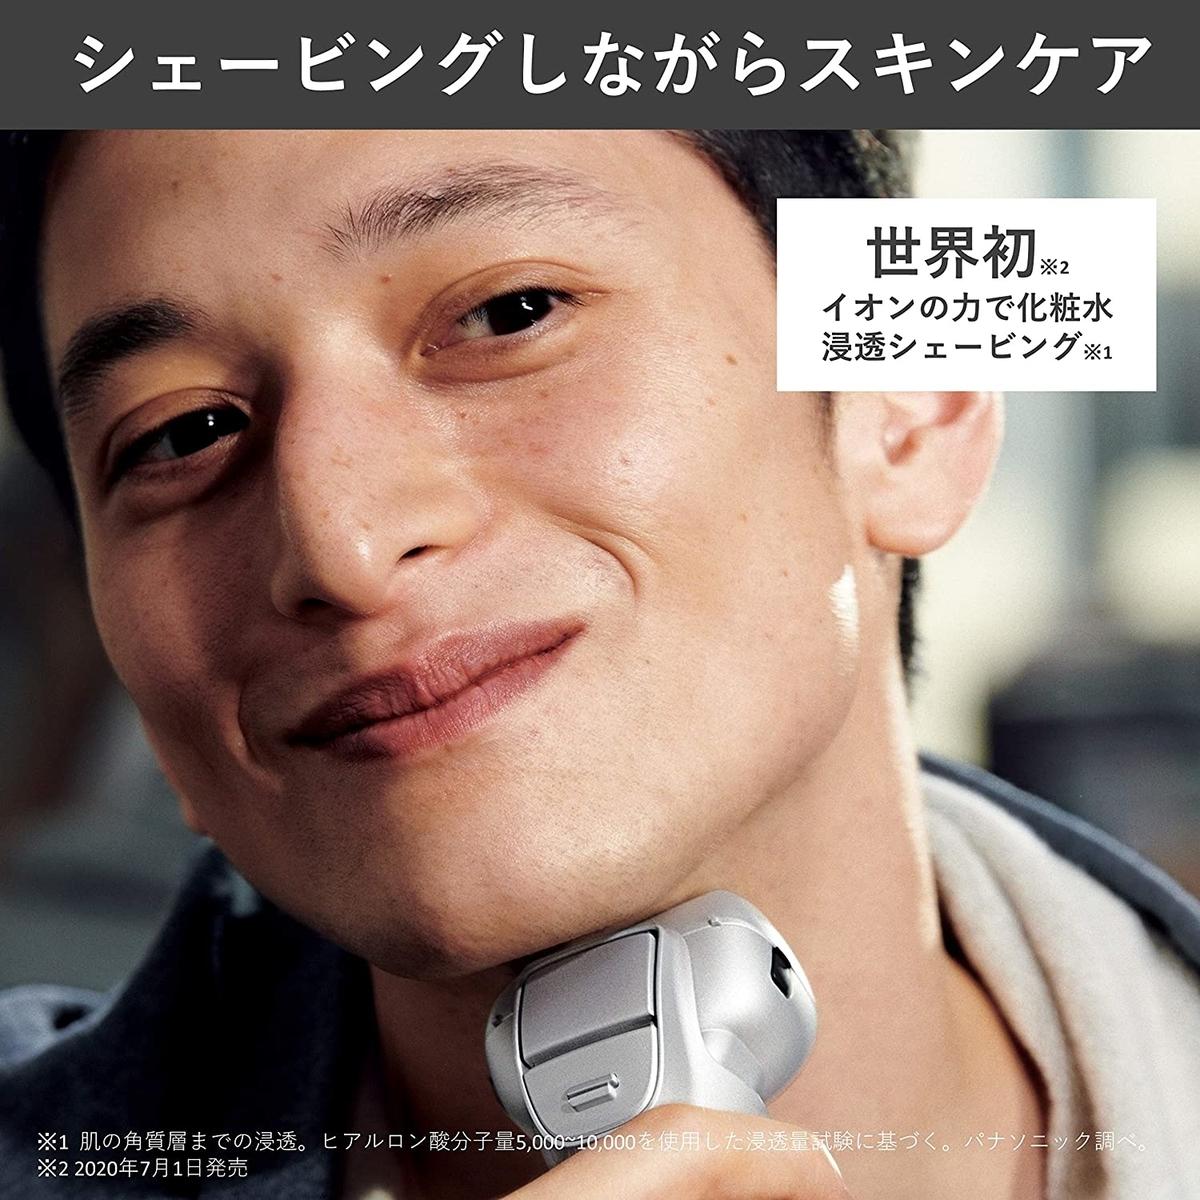 f:id:haruki8282:20210103173210j:plain